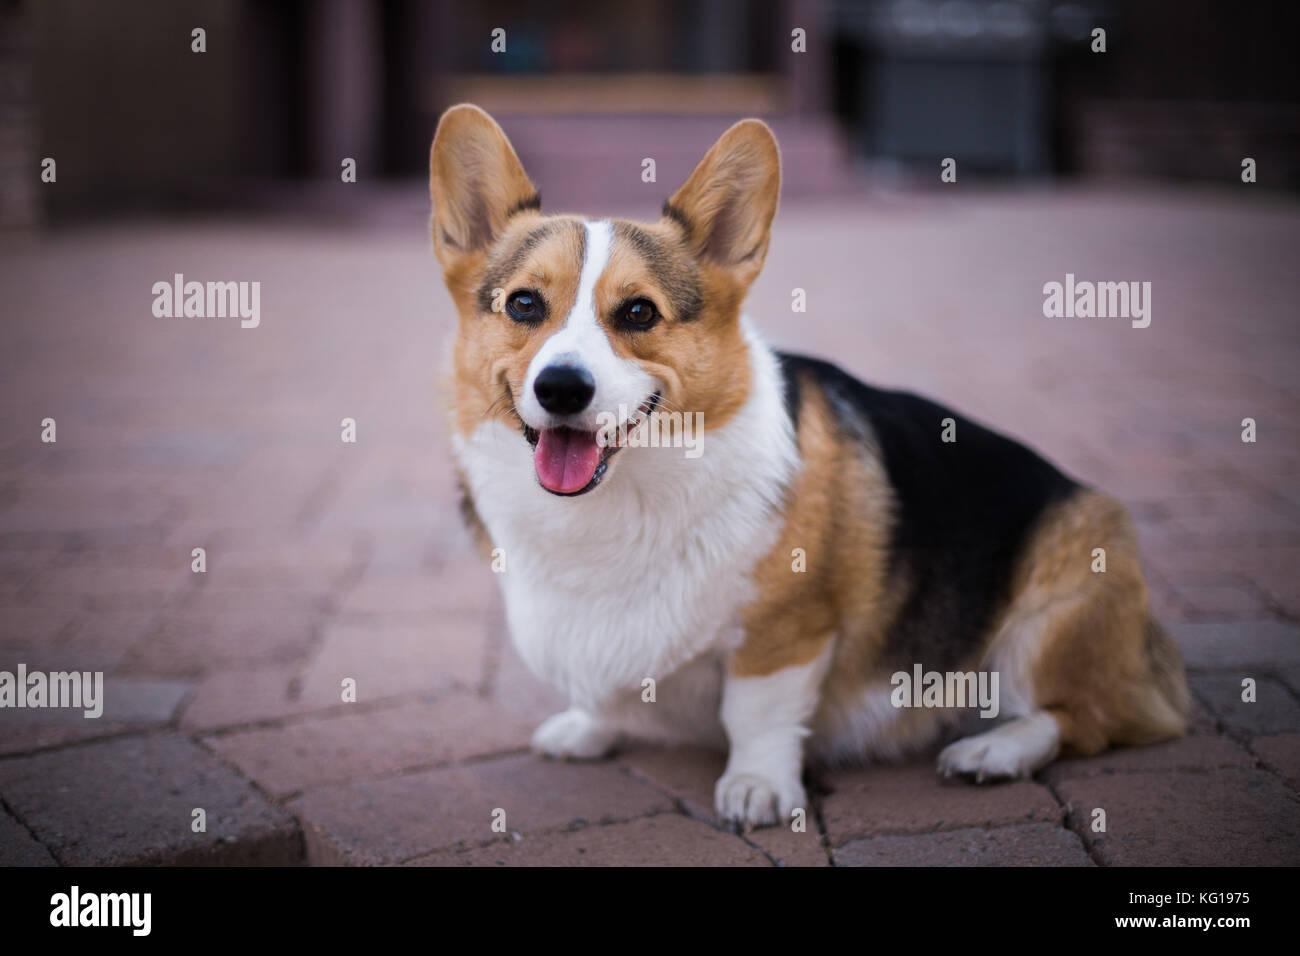 Pembroke Welsh Corgi dog sitting - Stock Image